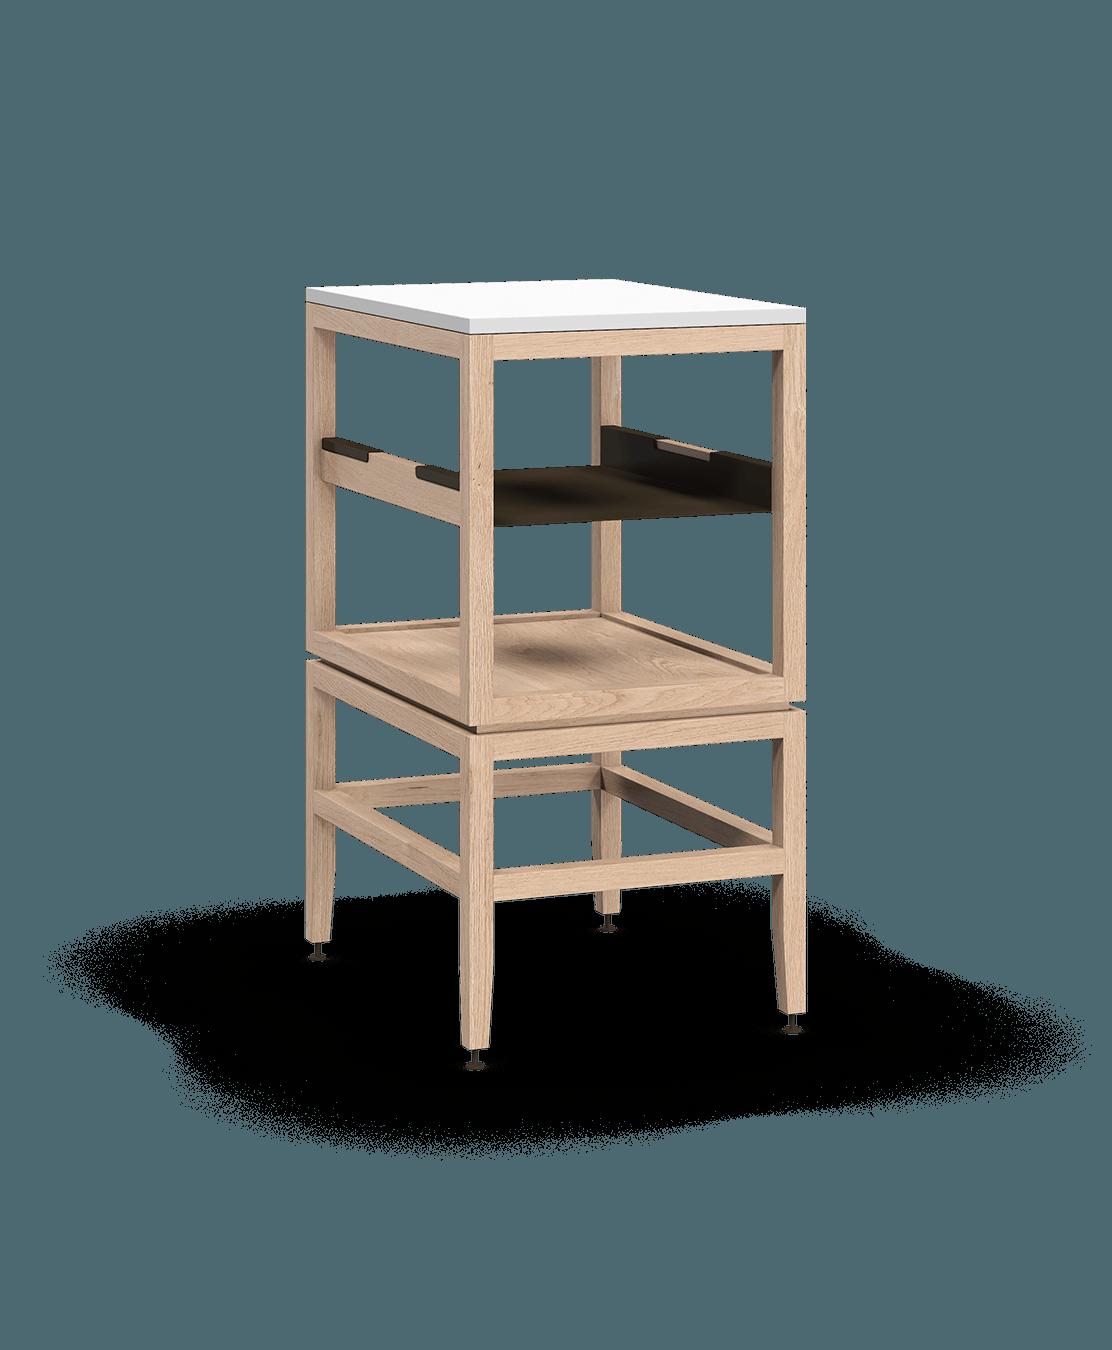 armoire ouverte modulaire de rangement en bois massif coquo volitare avec cube 1 tablette chêne blanc 18 pouces C2-N-1824-0011-NA